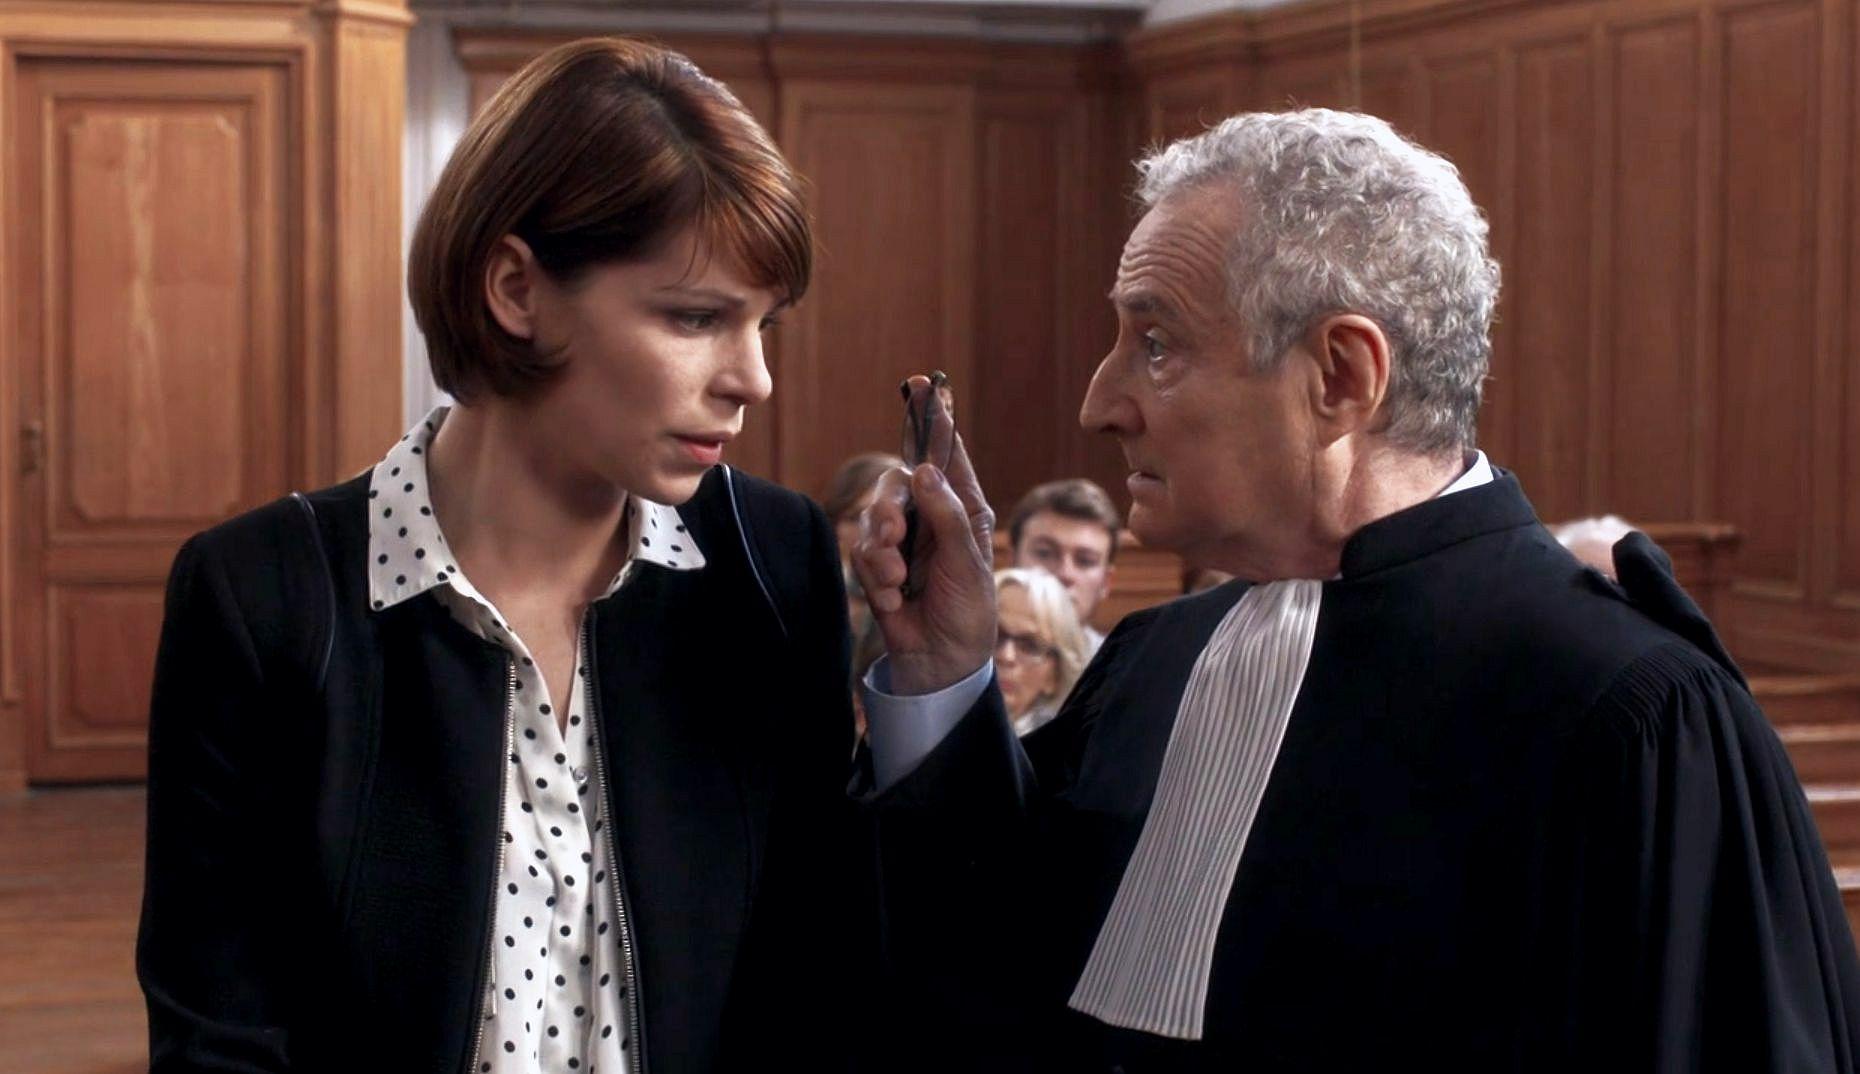 Amandine Chauveau and Daniel Prévost in La loi de... (2014)